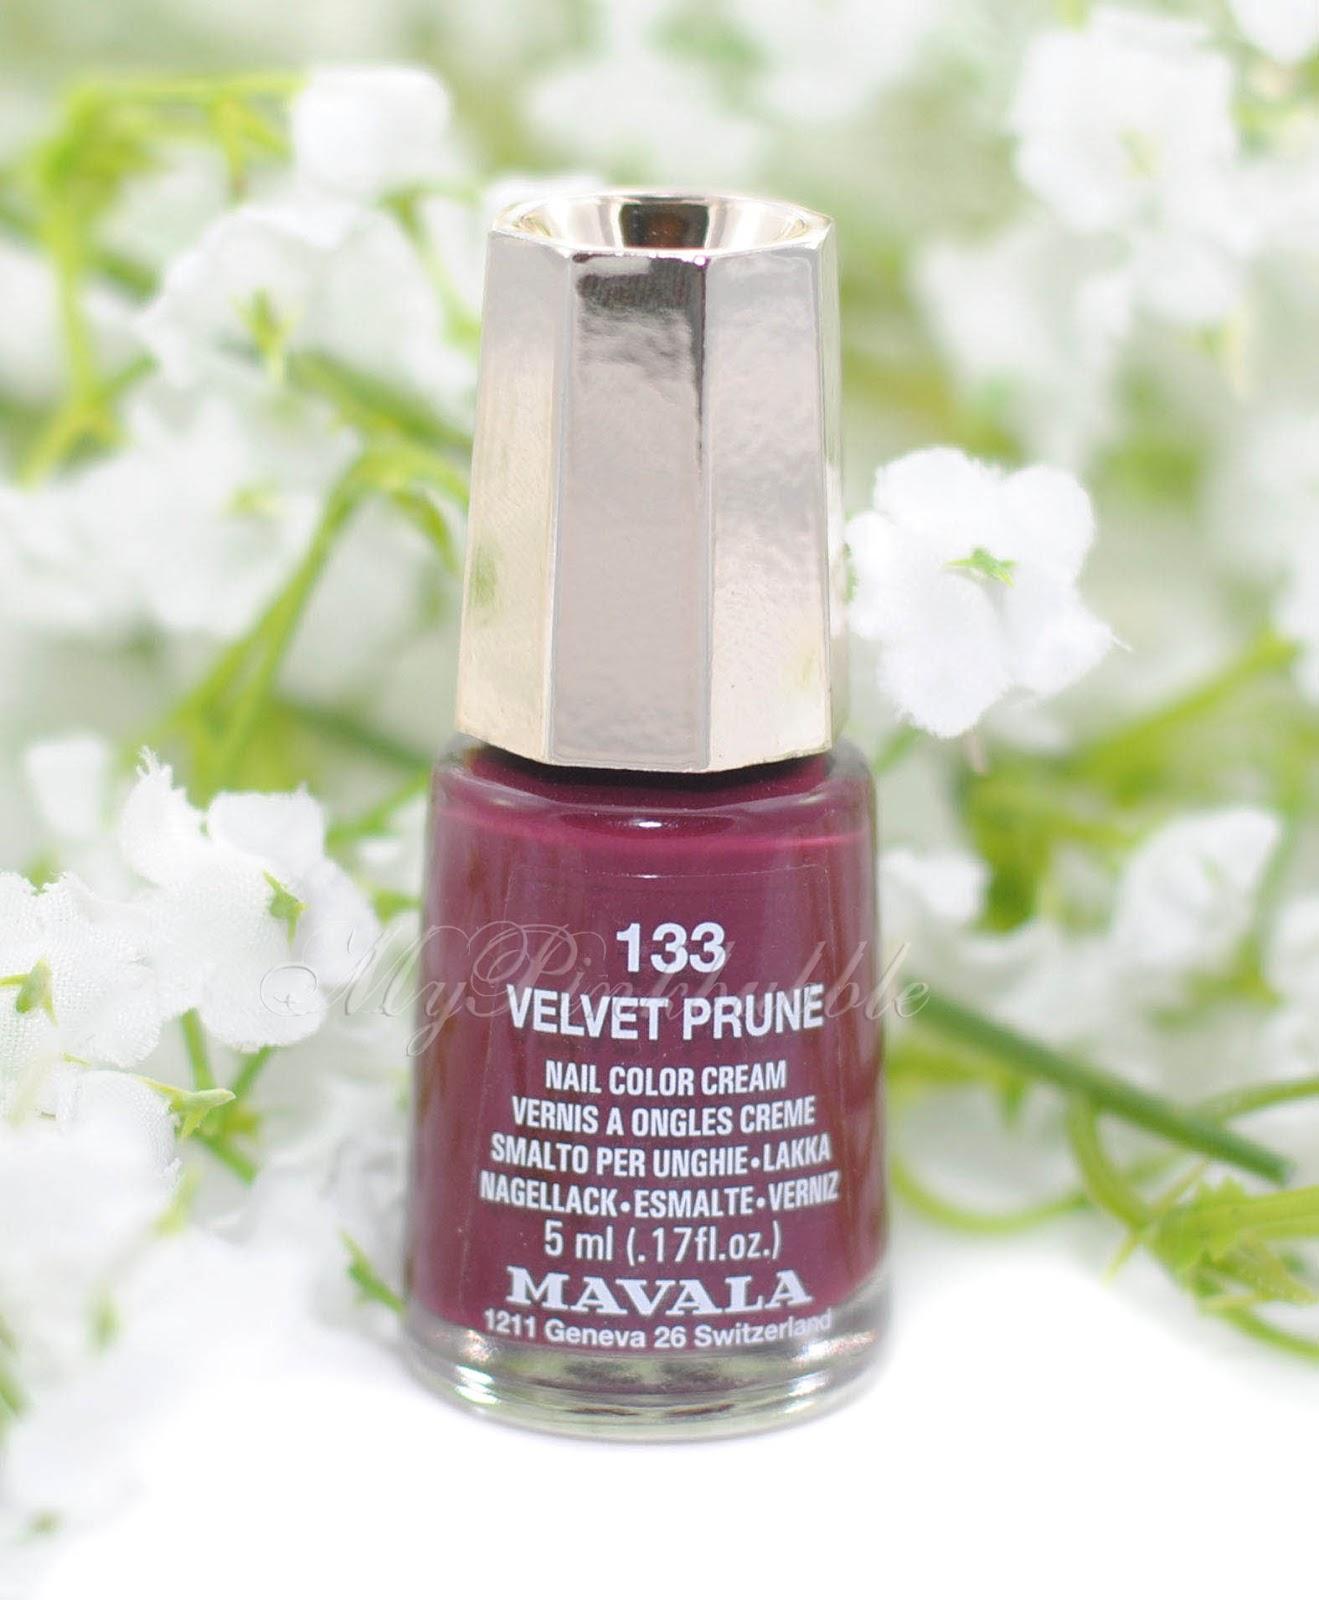 Mavala 133 Velvet Prune